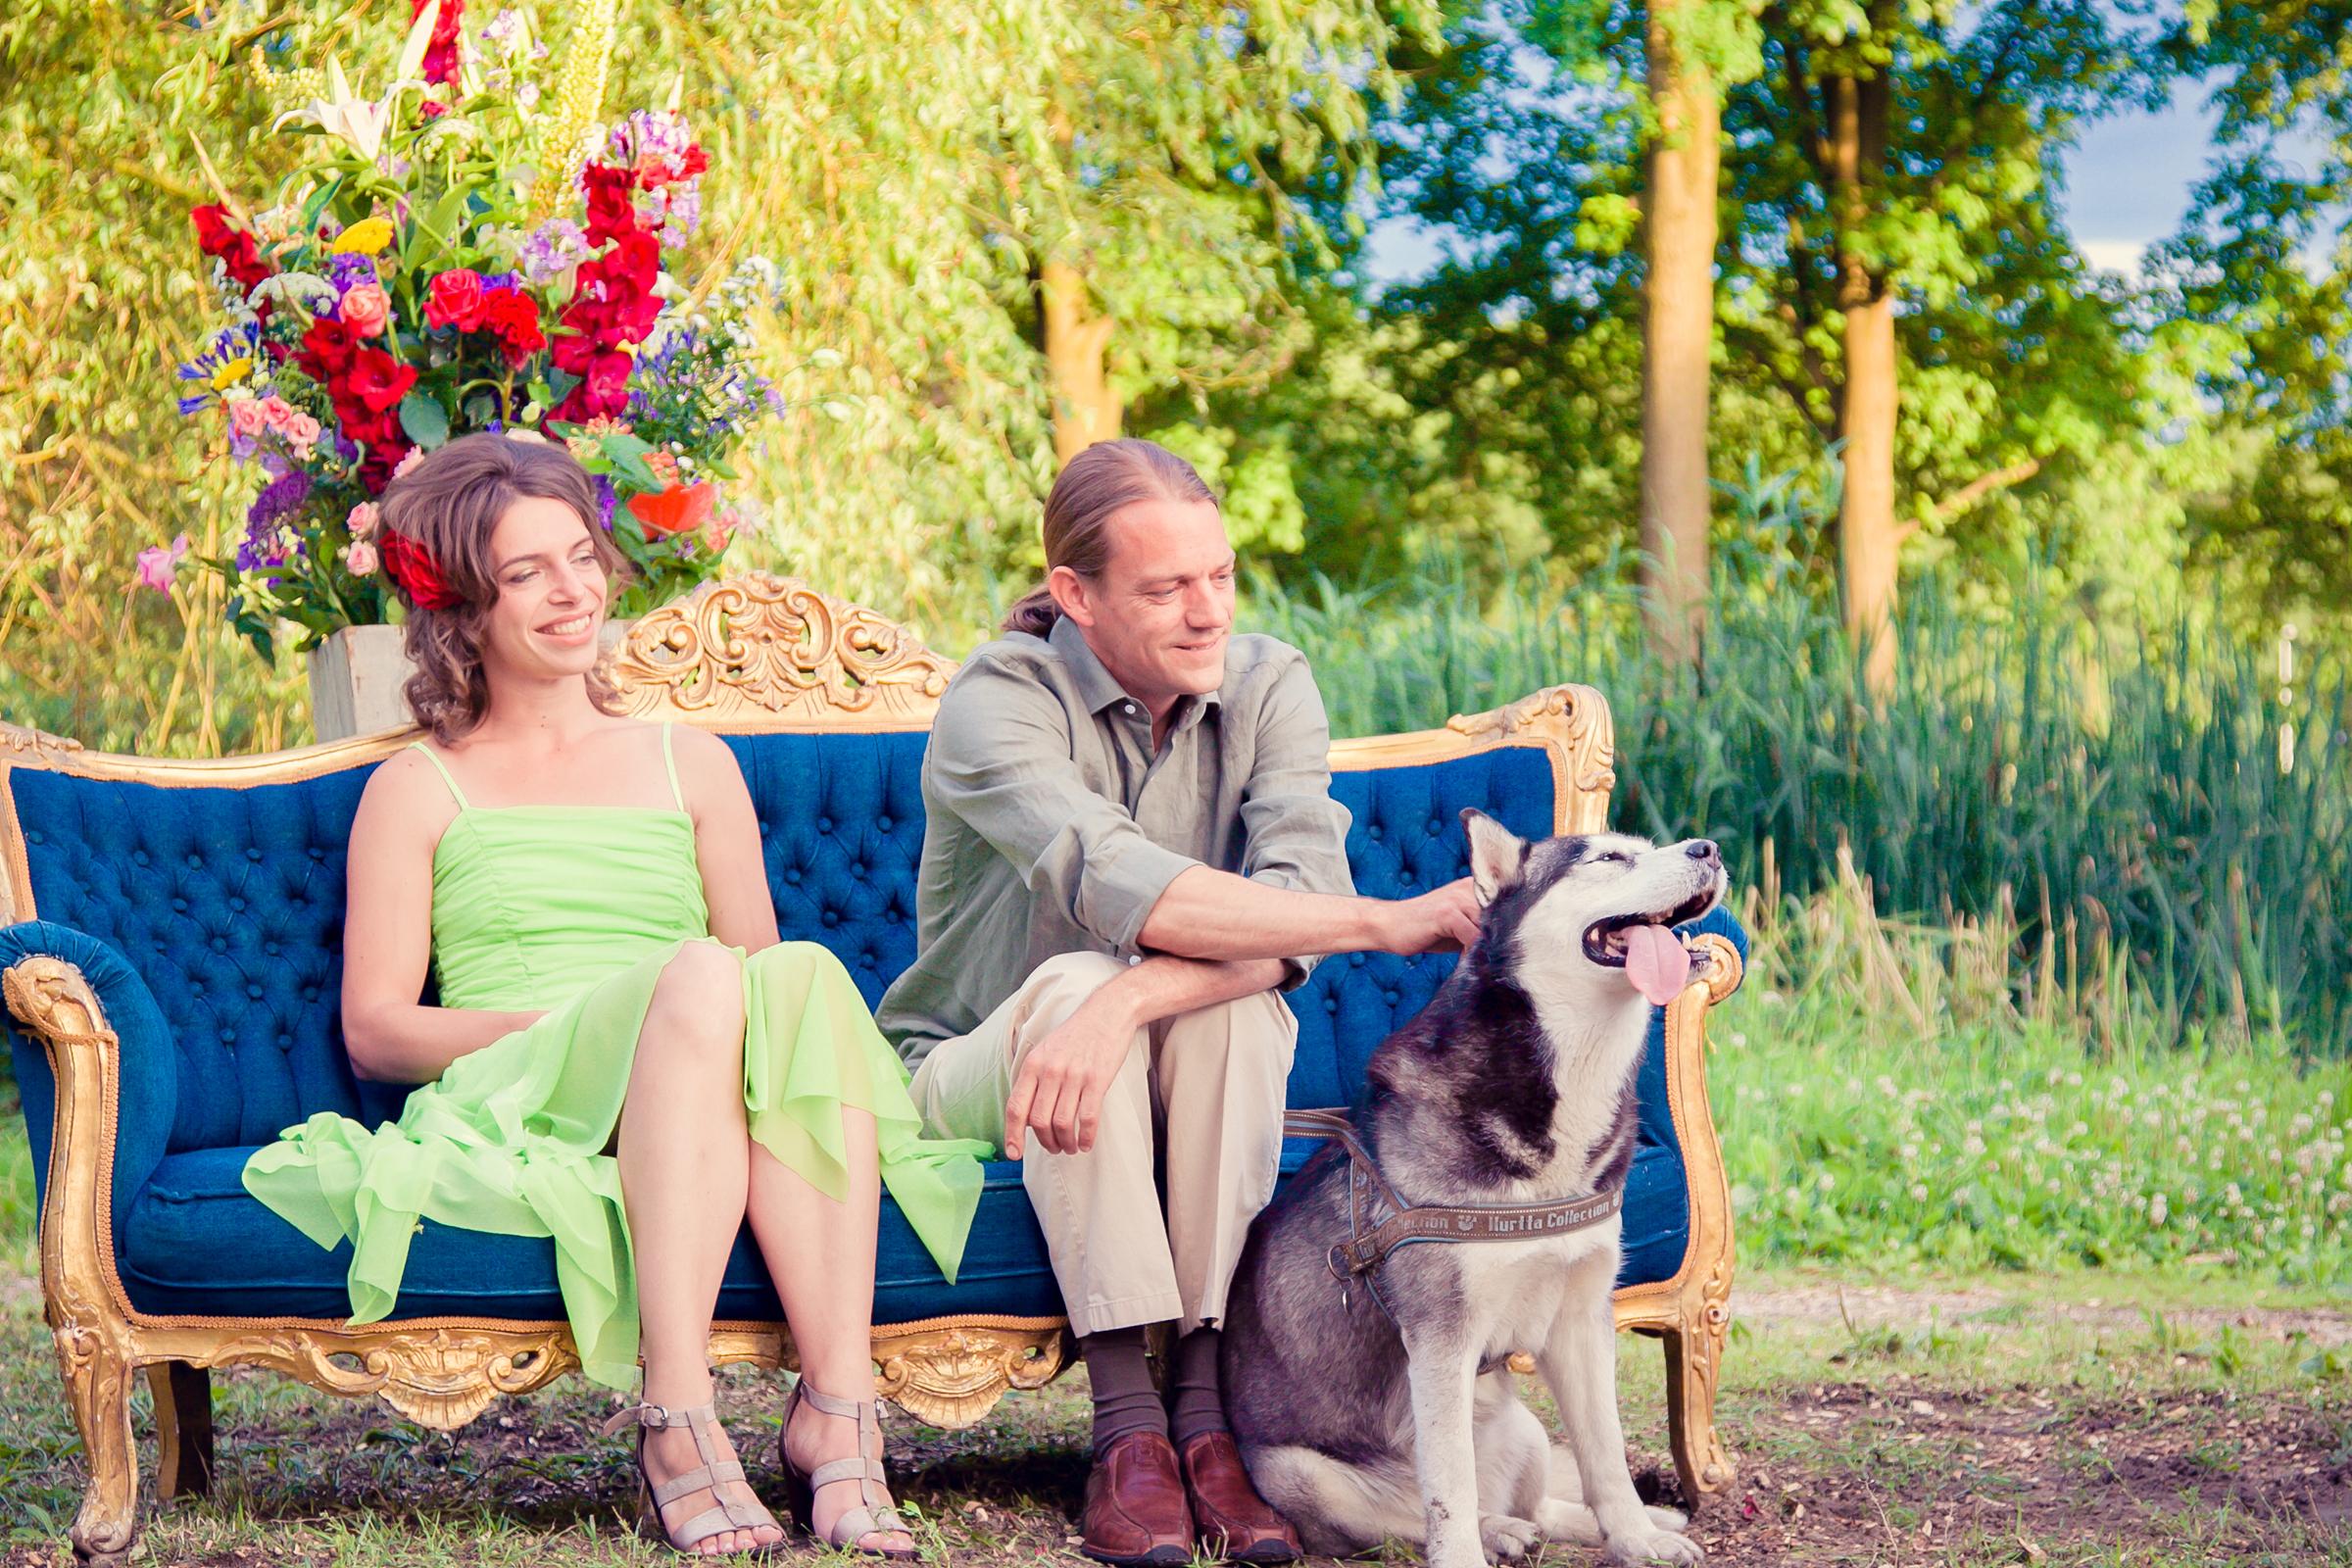 Huwelijksfoto, huwelijk, bruidsfoto, bruidsfotograaf, huwelijksfotograaf, wedding, huwelijk, bruid